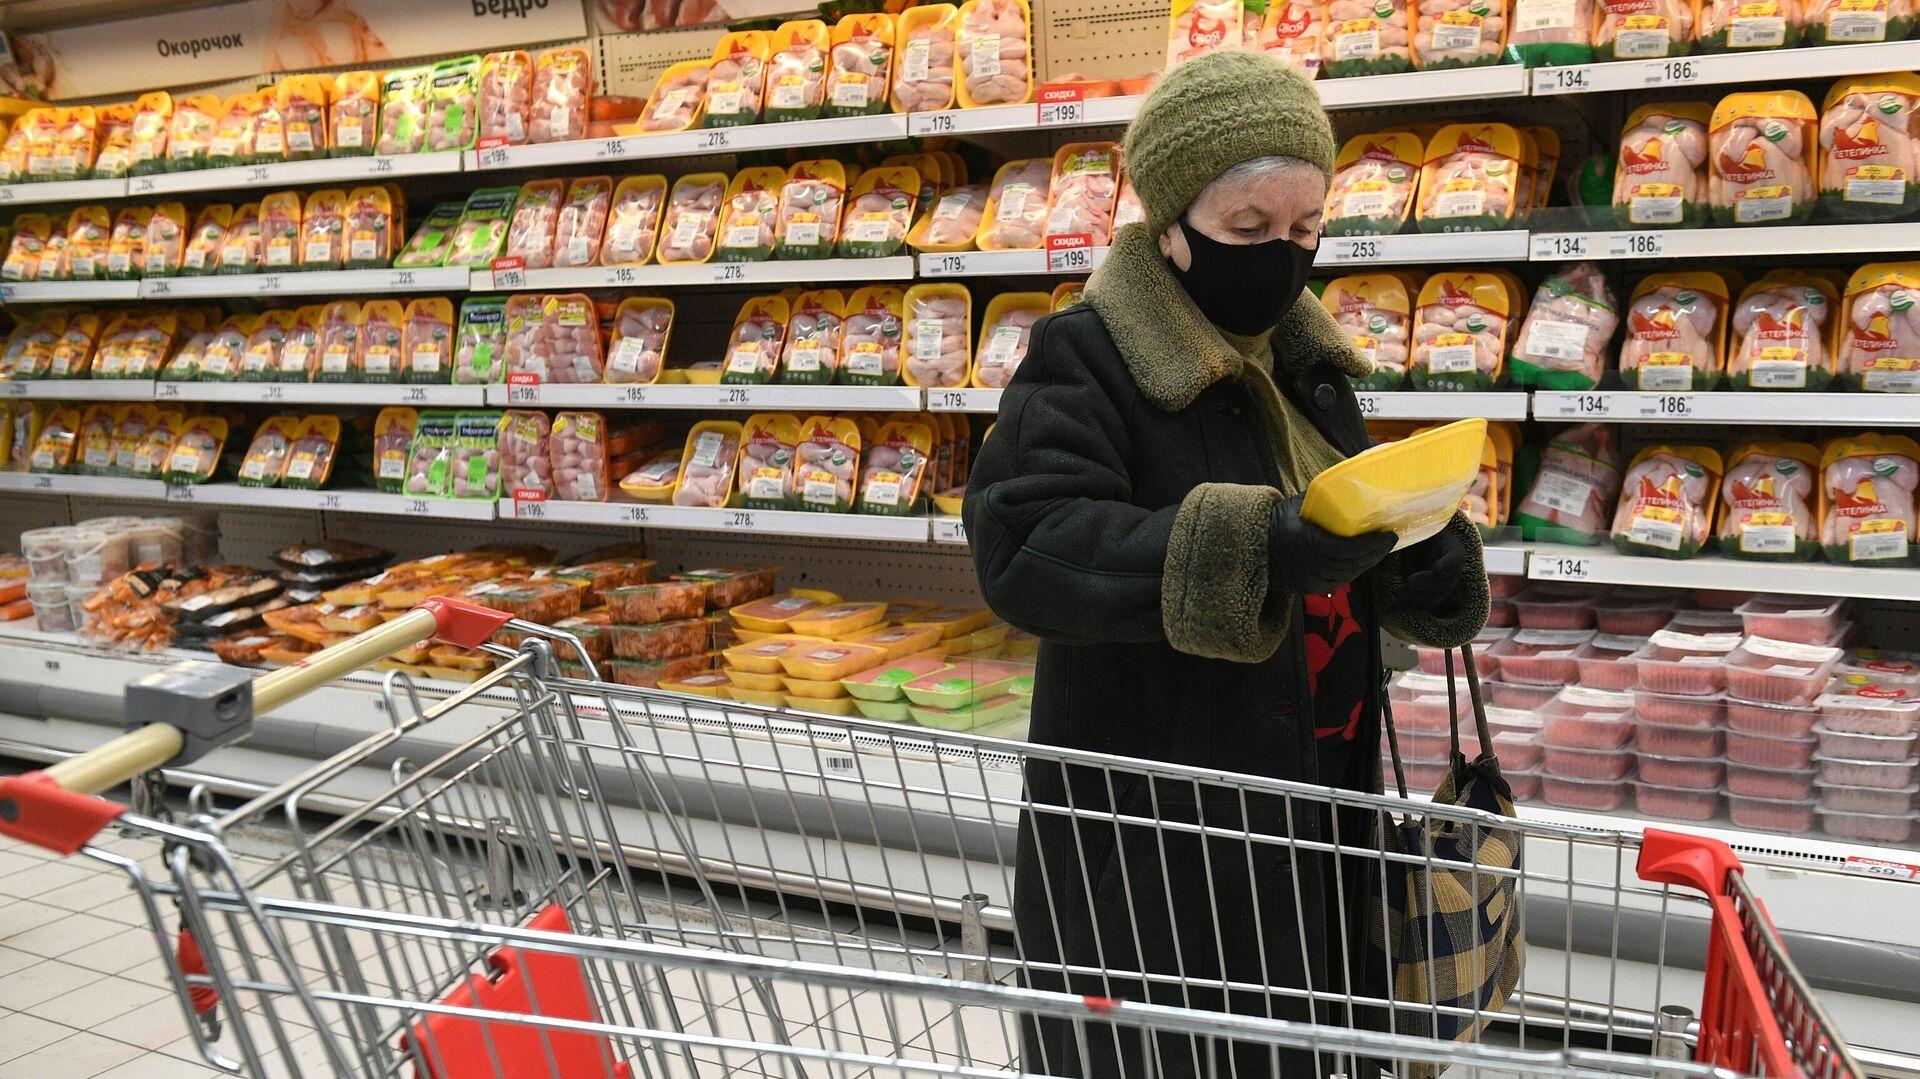 Покупательница выбирает курицу в мясном отделе гипермаркета Ашан в Москве - РИА Новости, 1920, 04.03.2021